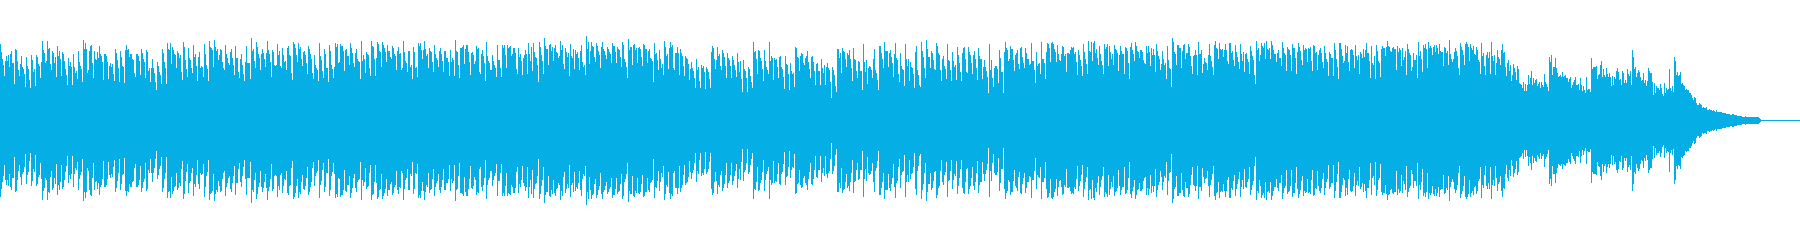 企業VP会社紹介 透明感爽やか疾走感A5の再生済みの波形